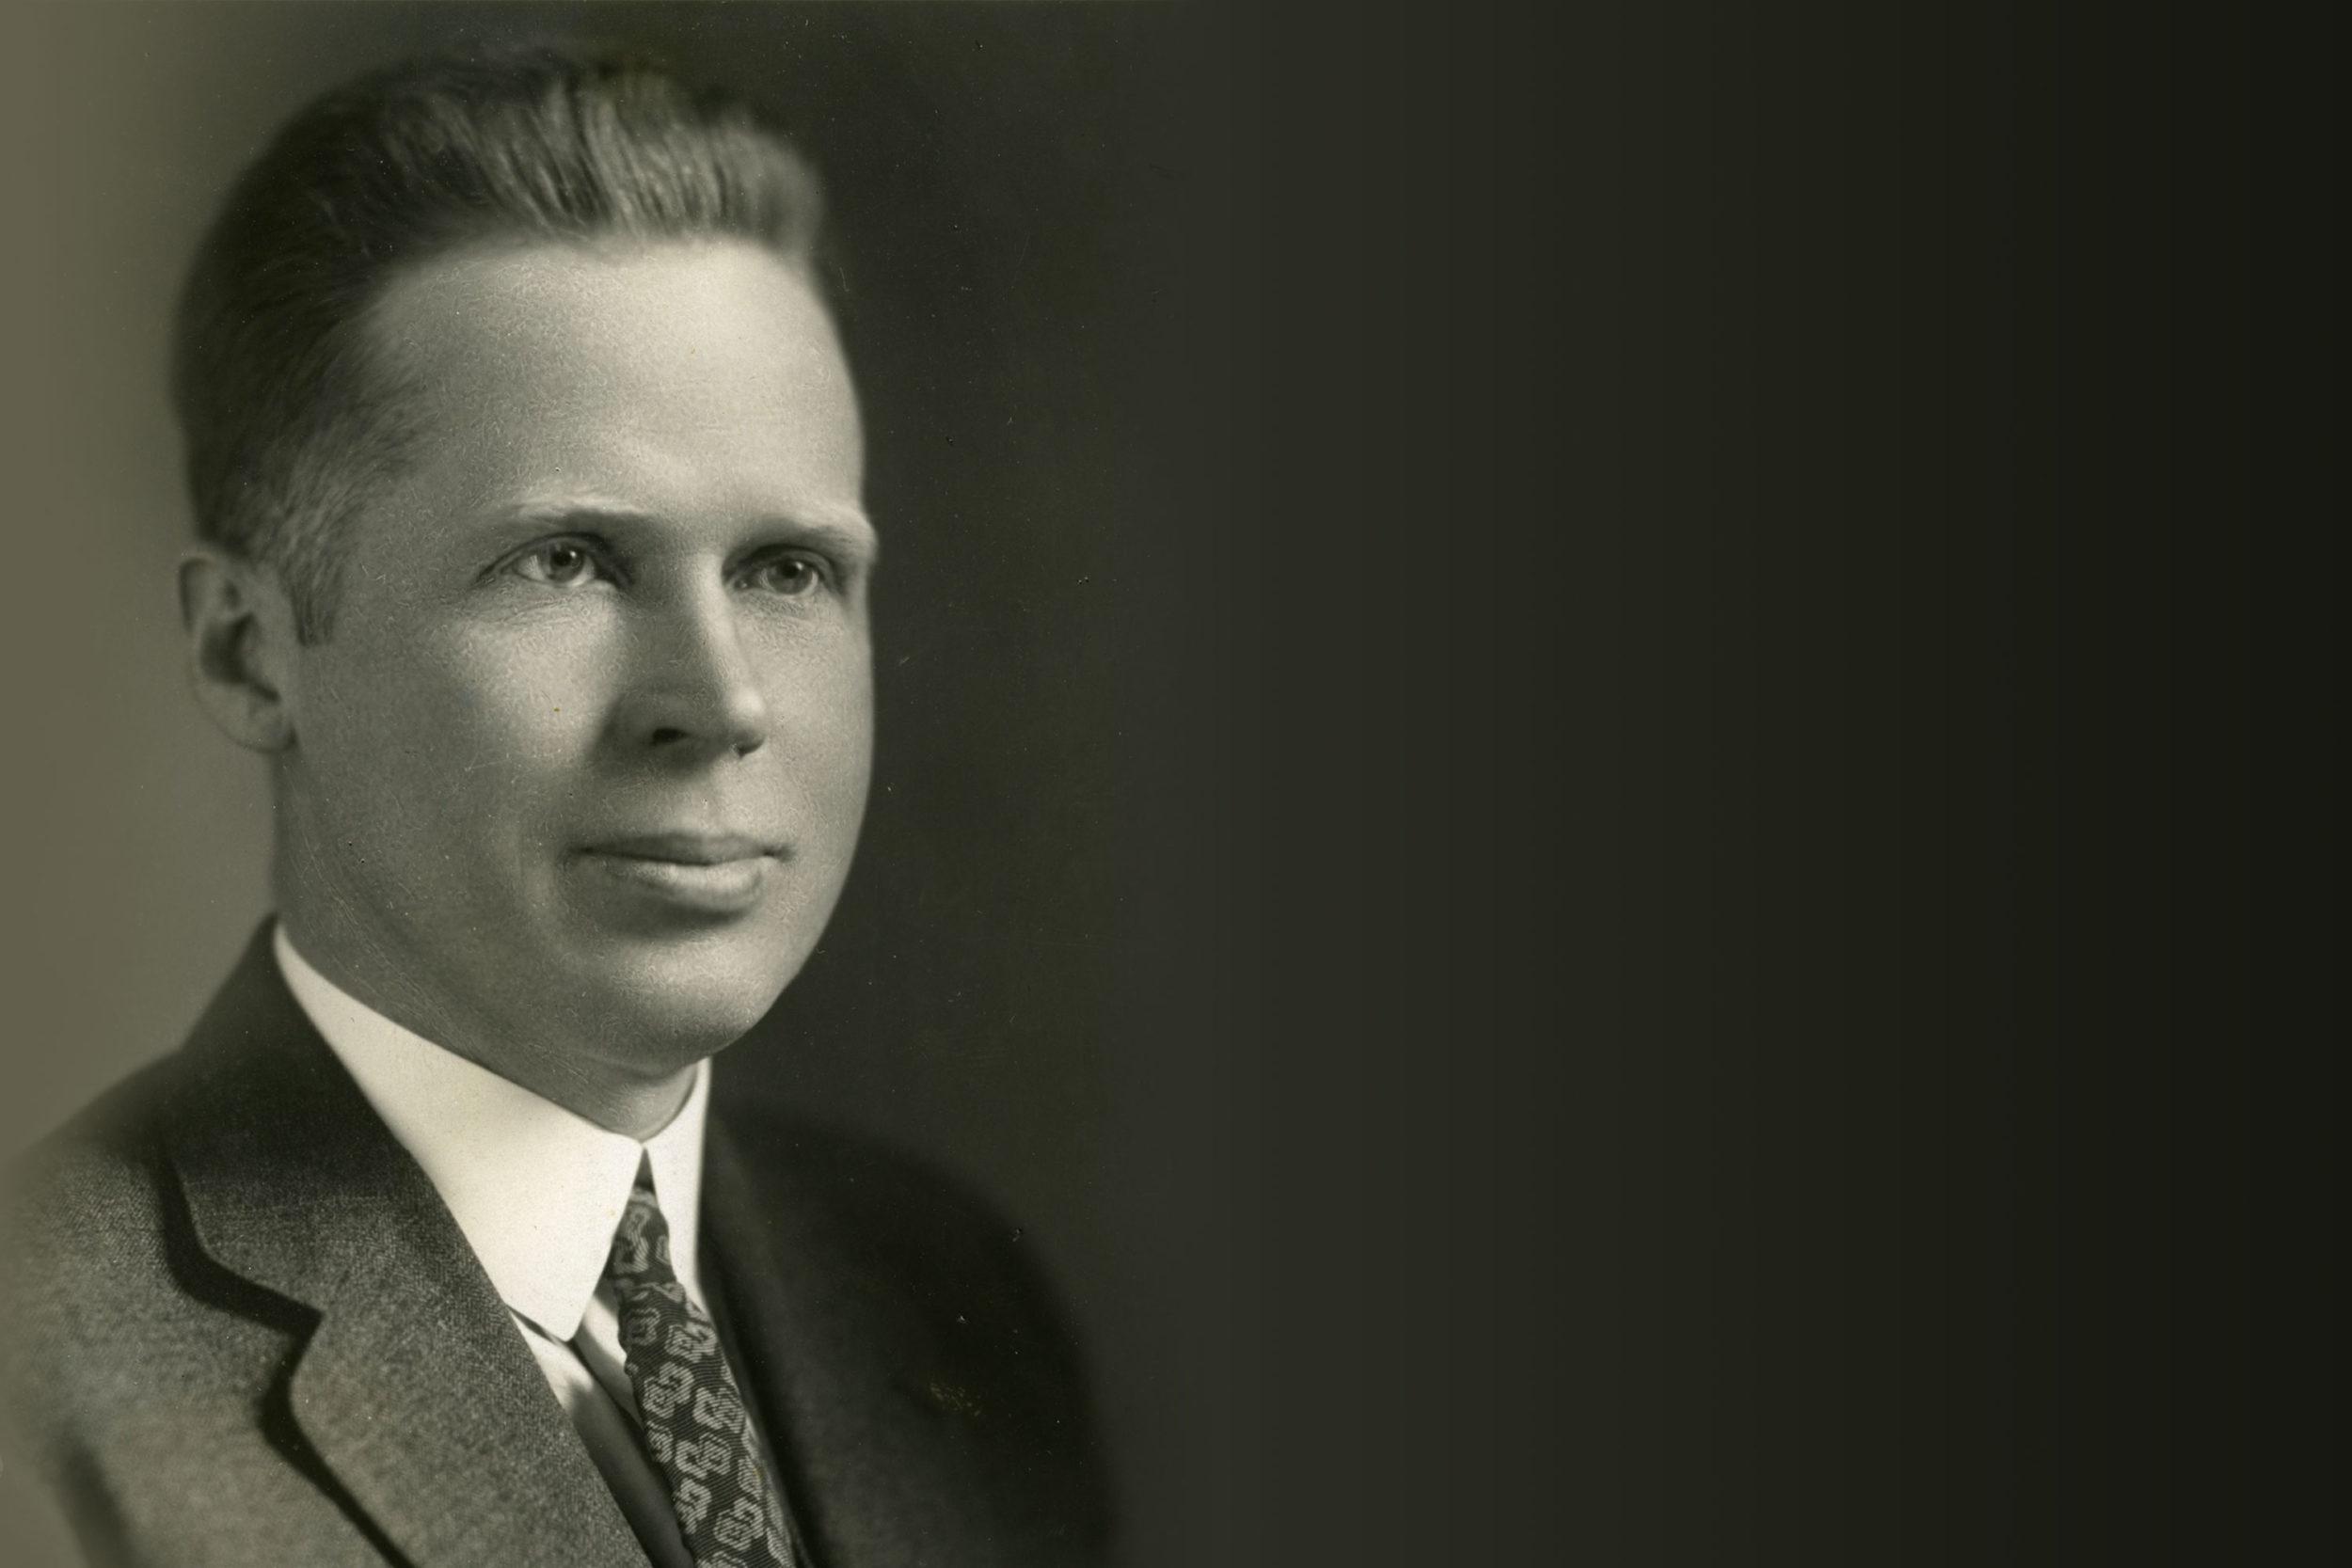 William Paton